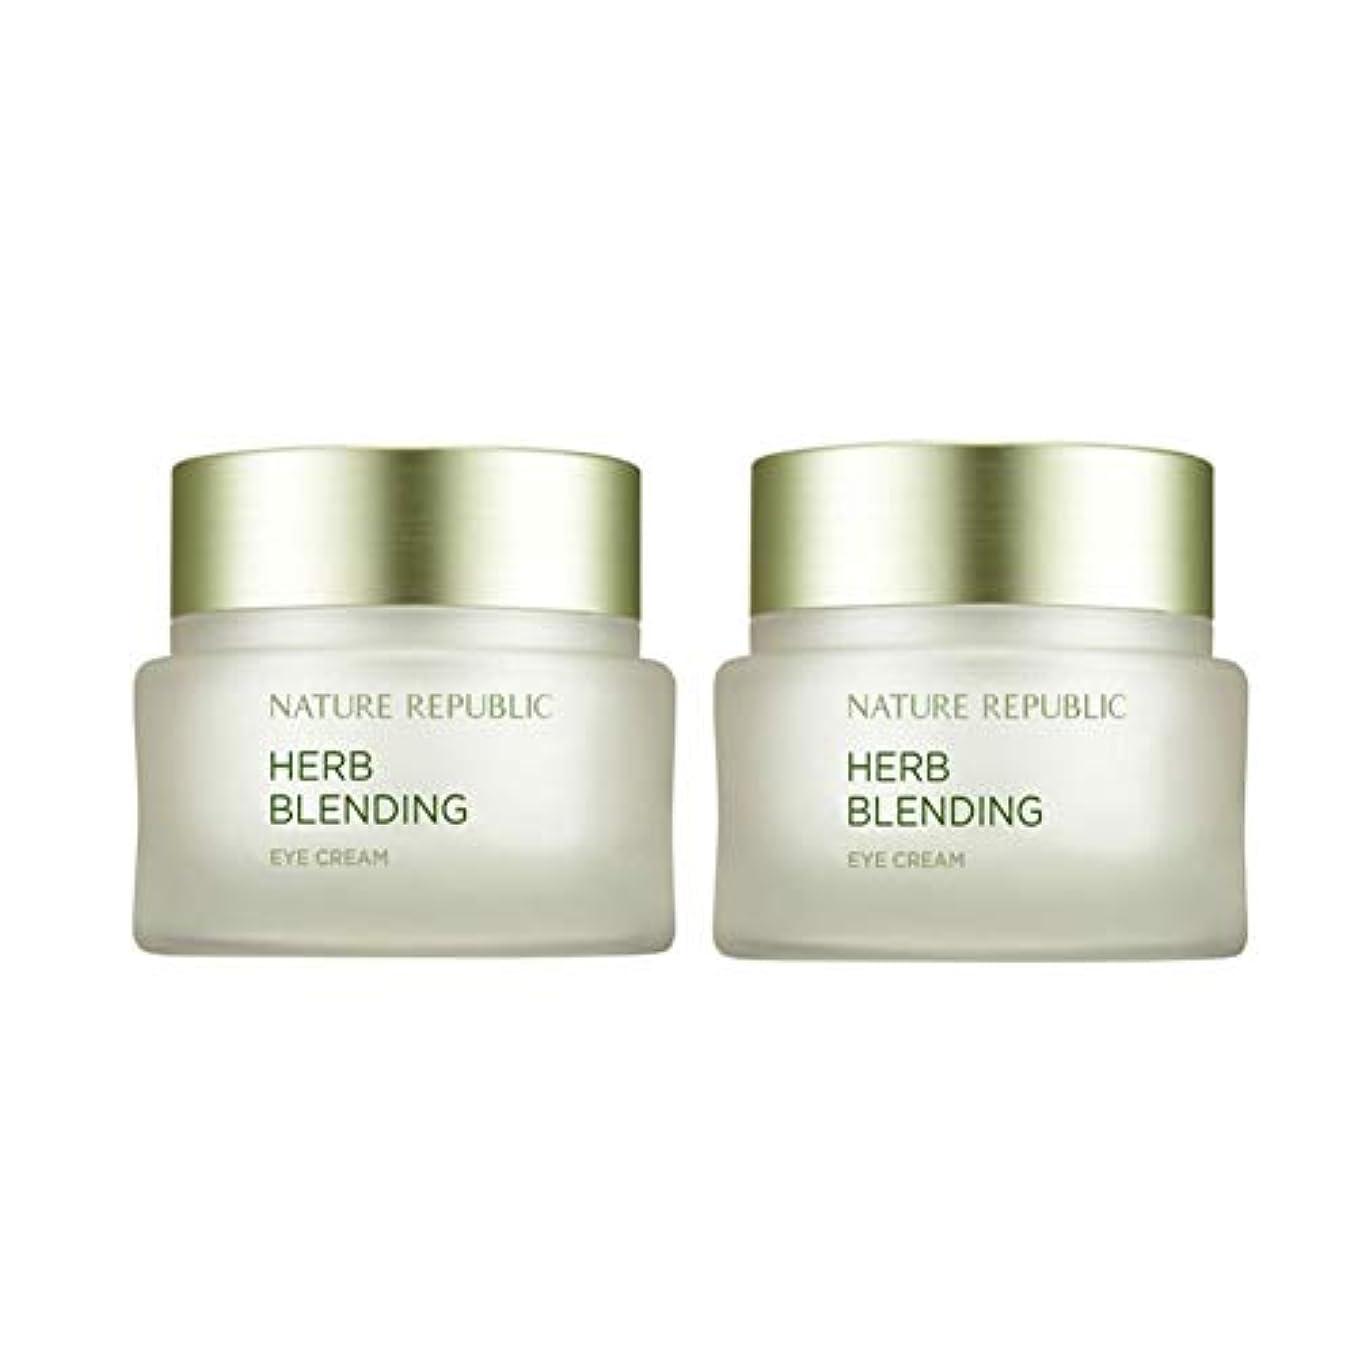 確立しますダーリン減衰ネイチャーリパブリックハーブ?ブレンディングクリーム50mlx 2本セット韓国コスメ、Nature Republic Herb Blending Cream 50ml x 2ea Set Korean Cosmetics...